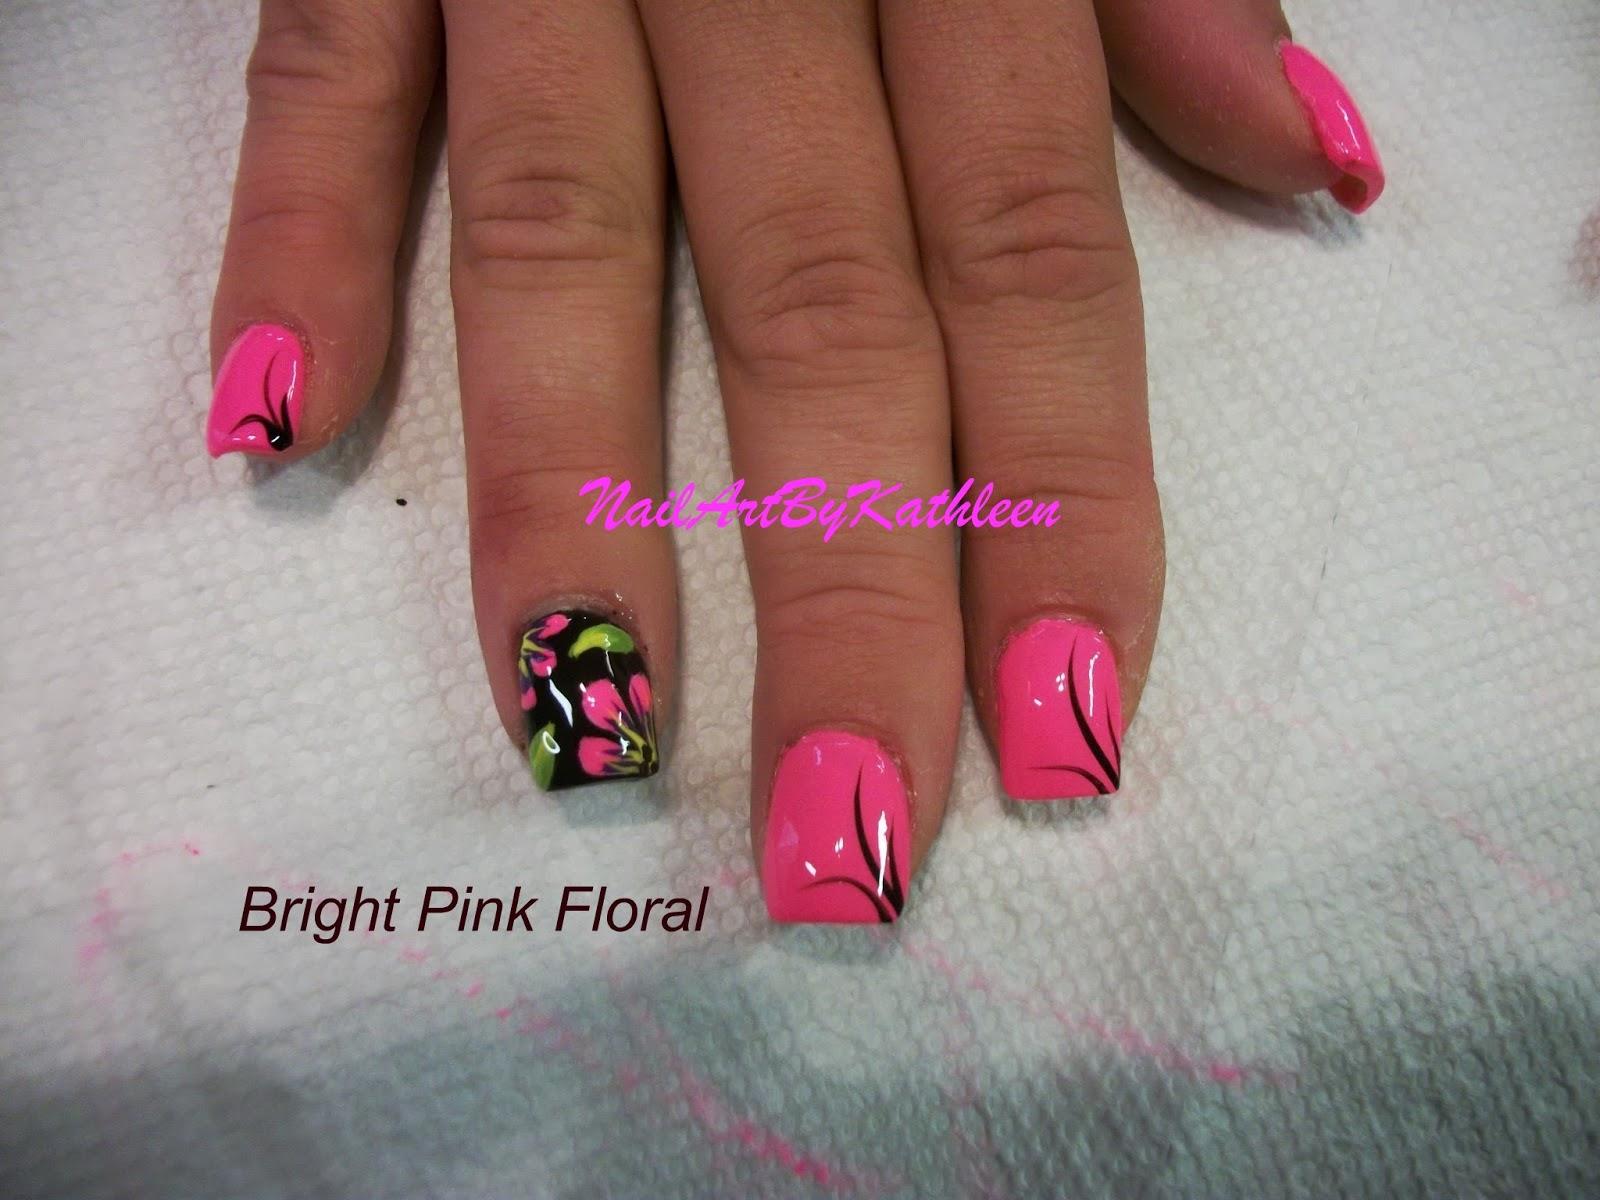 Nail Art By Kathleen: Bright Pink Floral Nail Art, Flower Nail Art ...